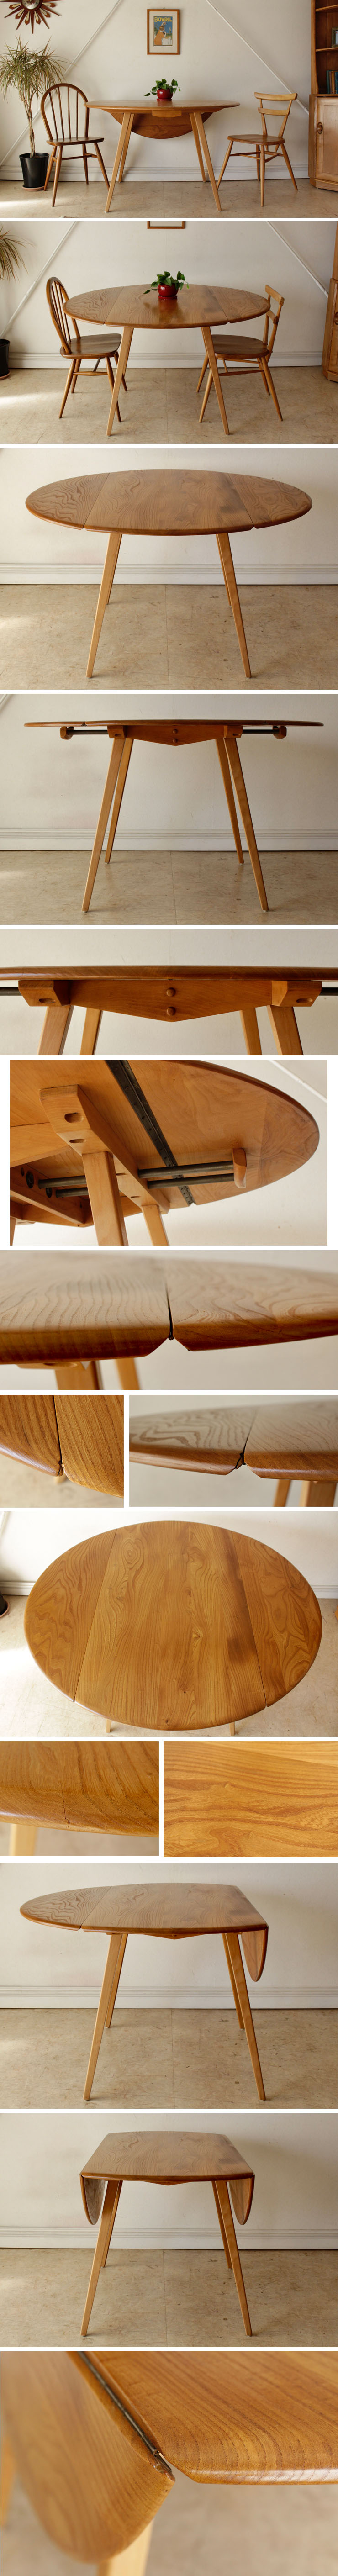 アーコール・Ercol・ダイニングテーブル・ドロップリーフ・折りたたみ・無垢・ビンテージ・北欧・アンティーク